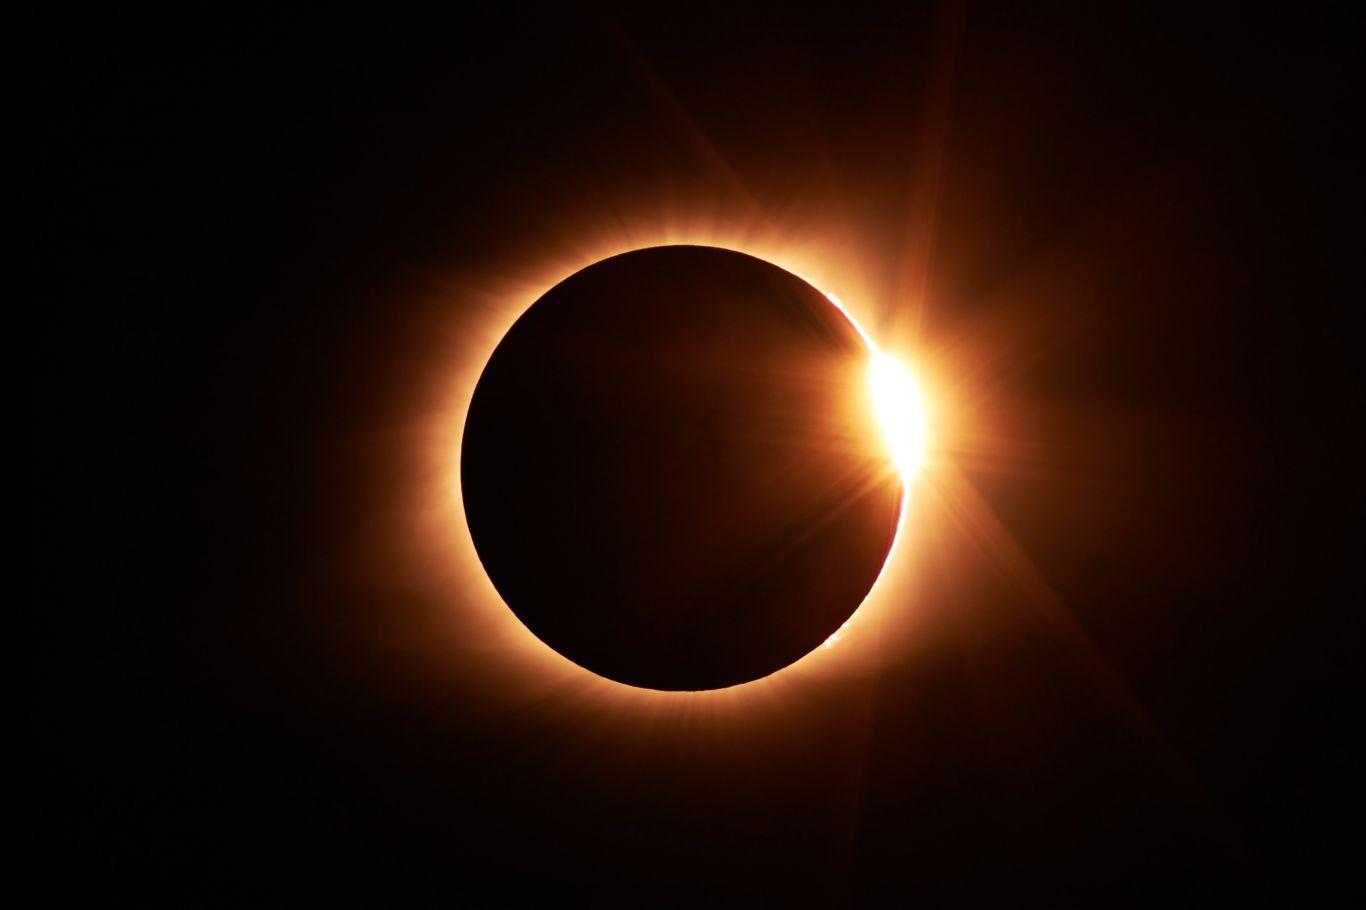 eventos astronômicos 2